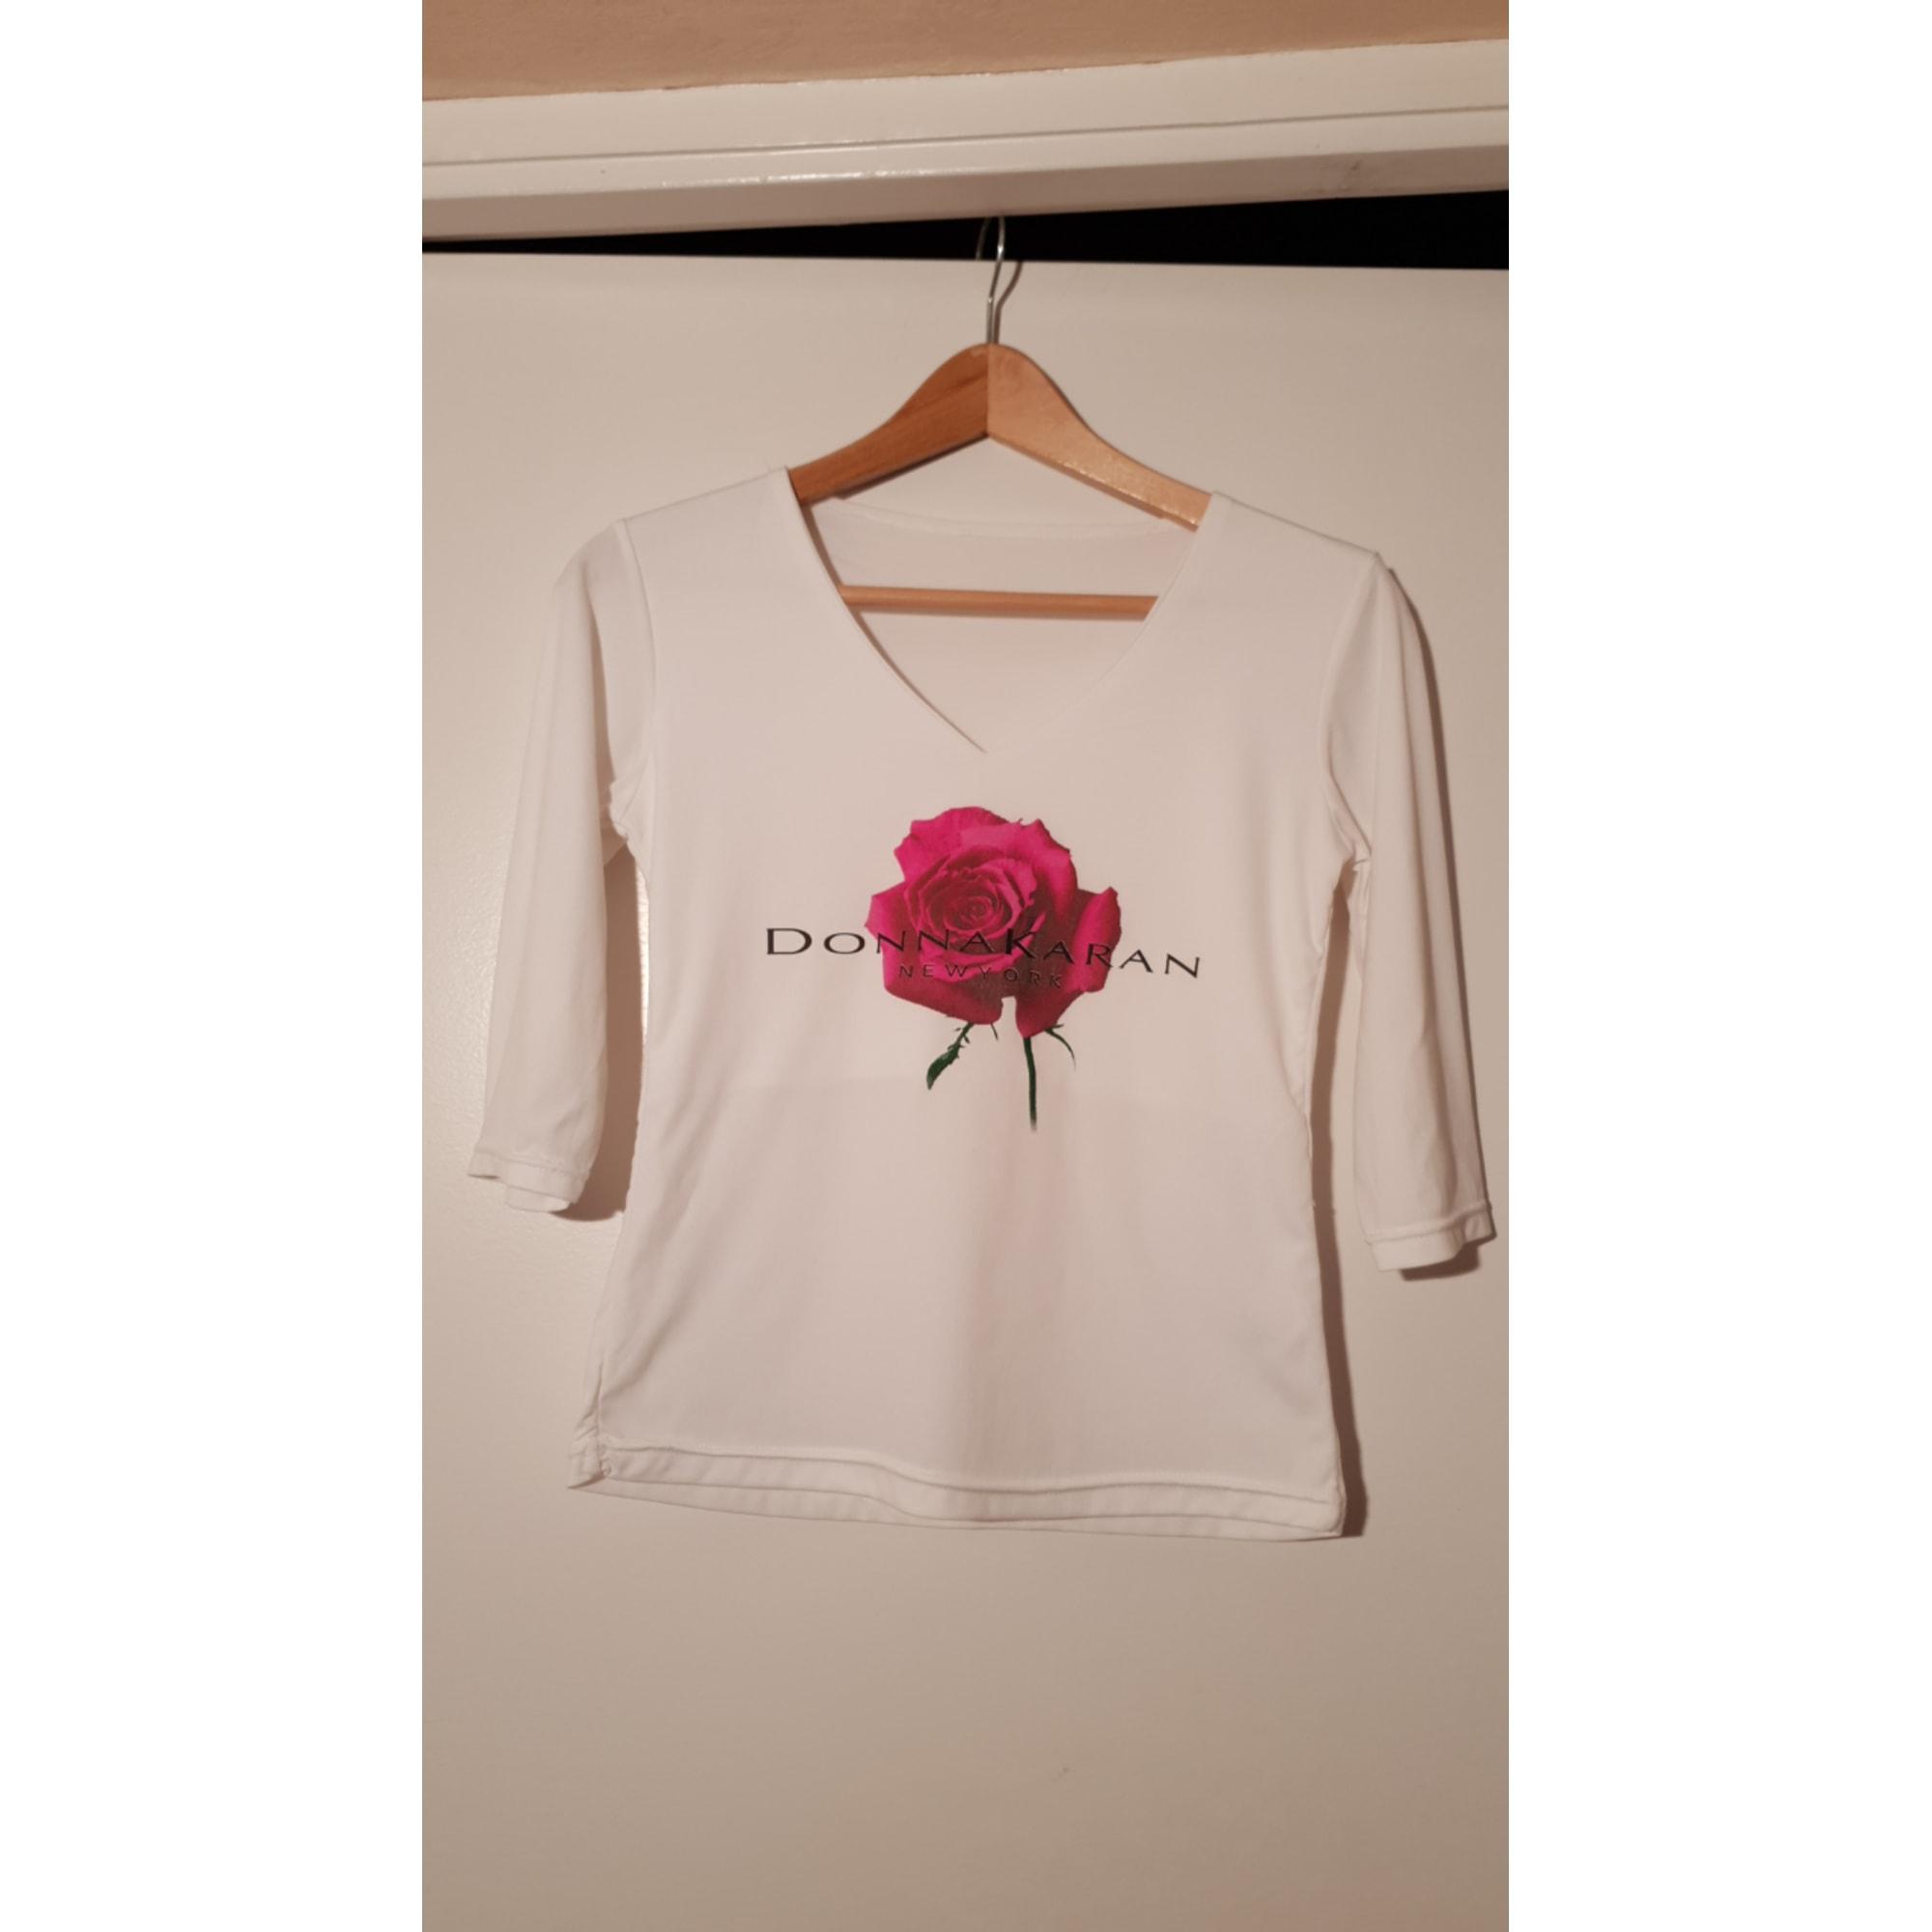 Top, tee-shirt DONNA KARAN Blanc, blanc cassé, écru